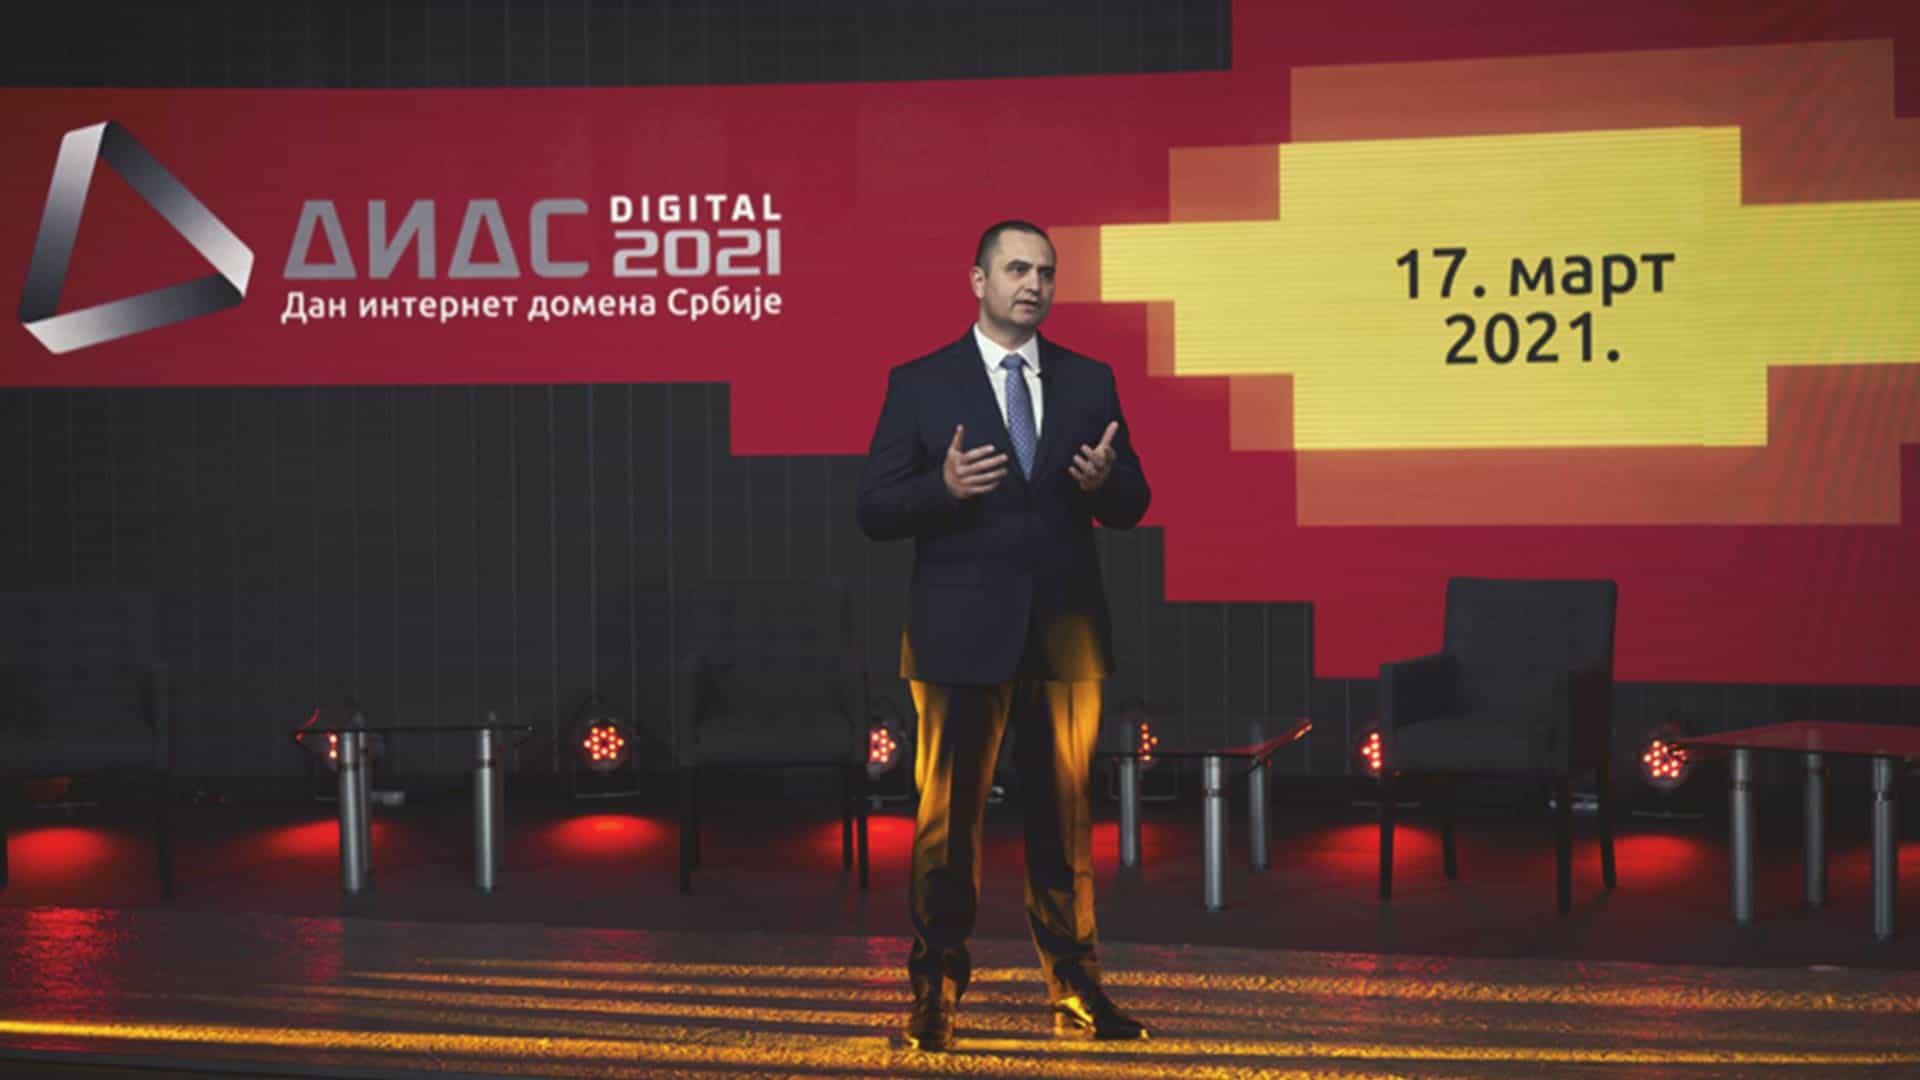 DIDS 2021 – Dani internet domena Srbije